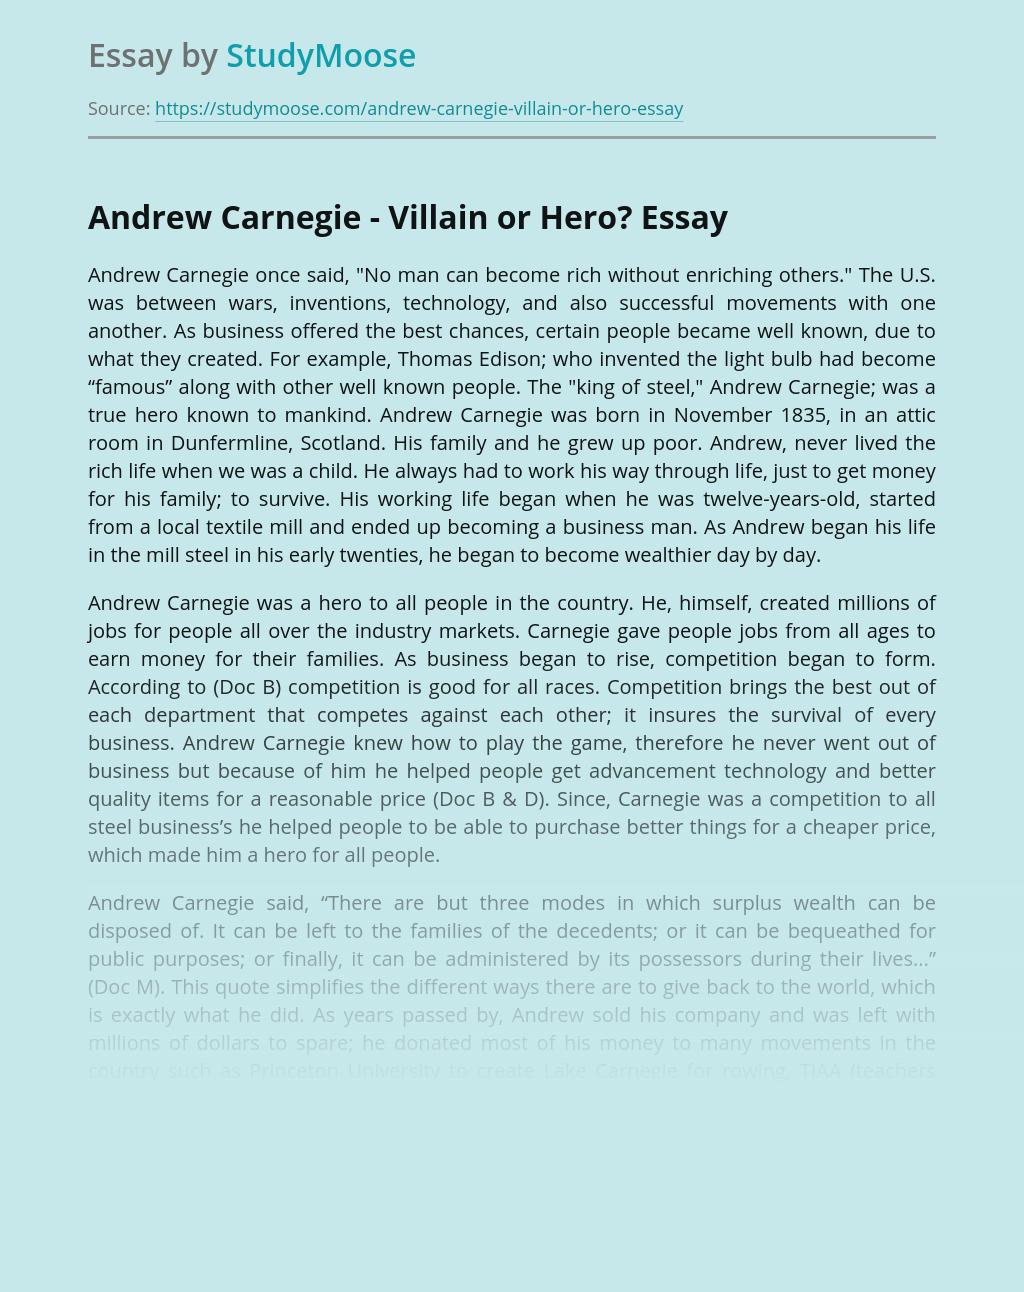 Andrew Carnegie - Villain or Hero?